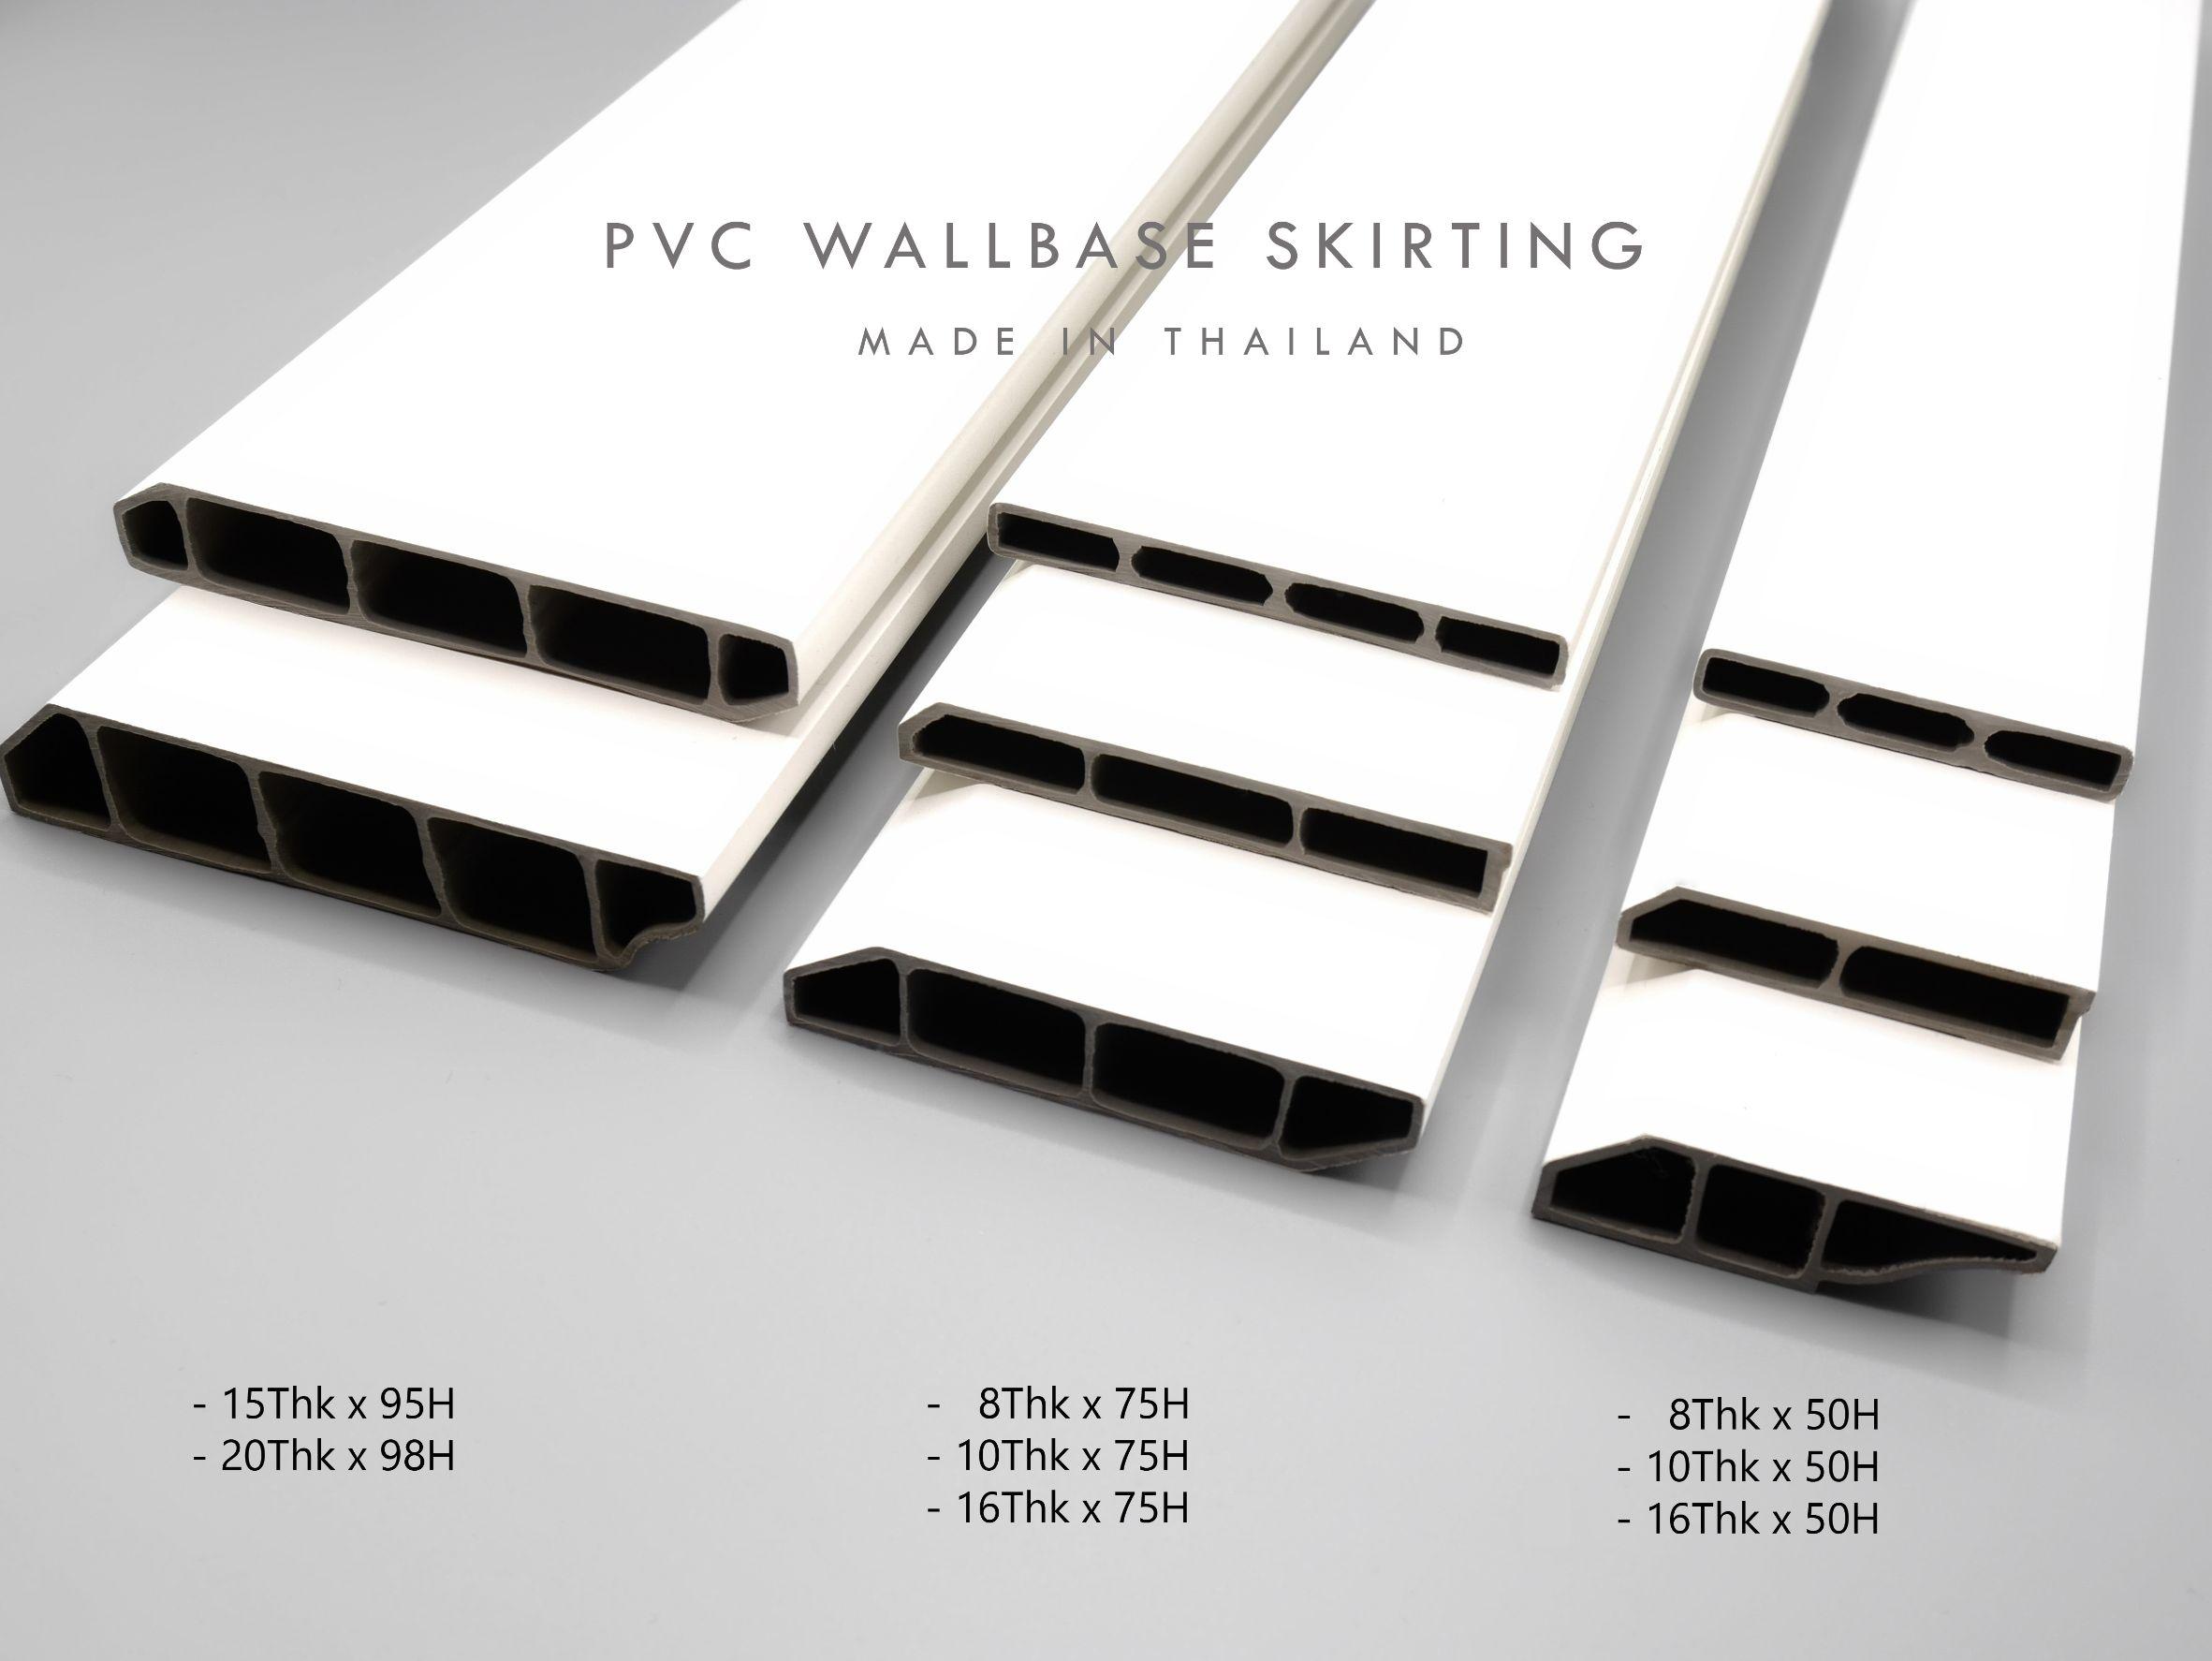 ไม้บัว PVC